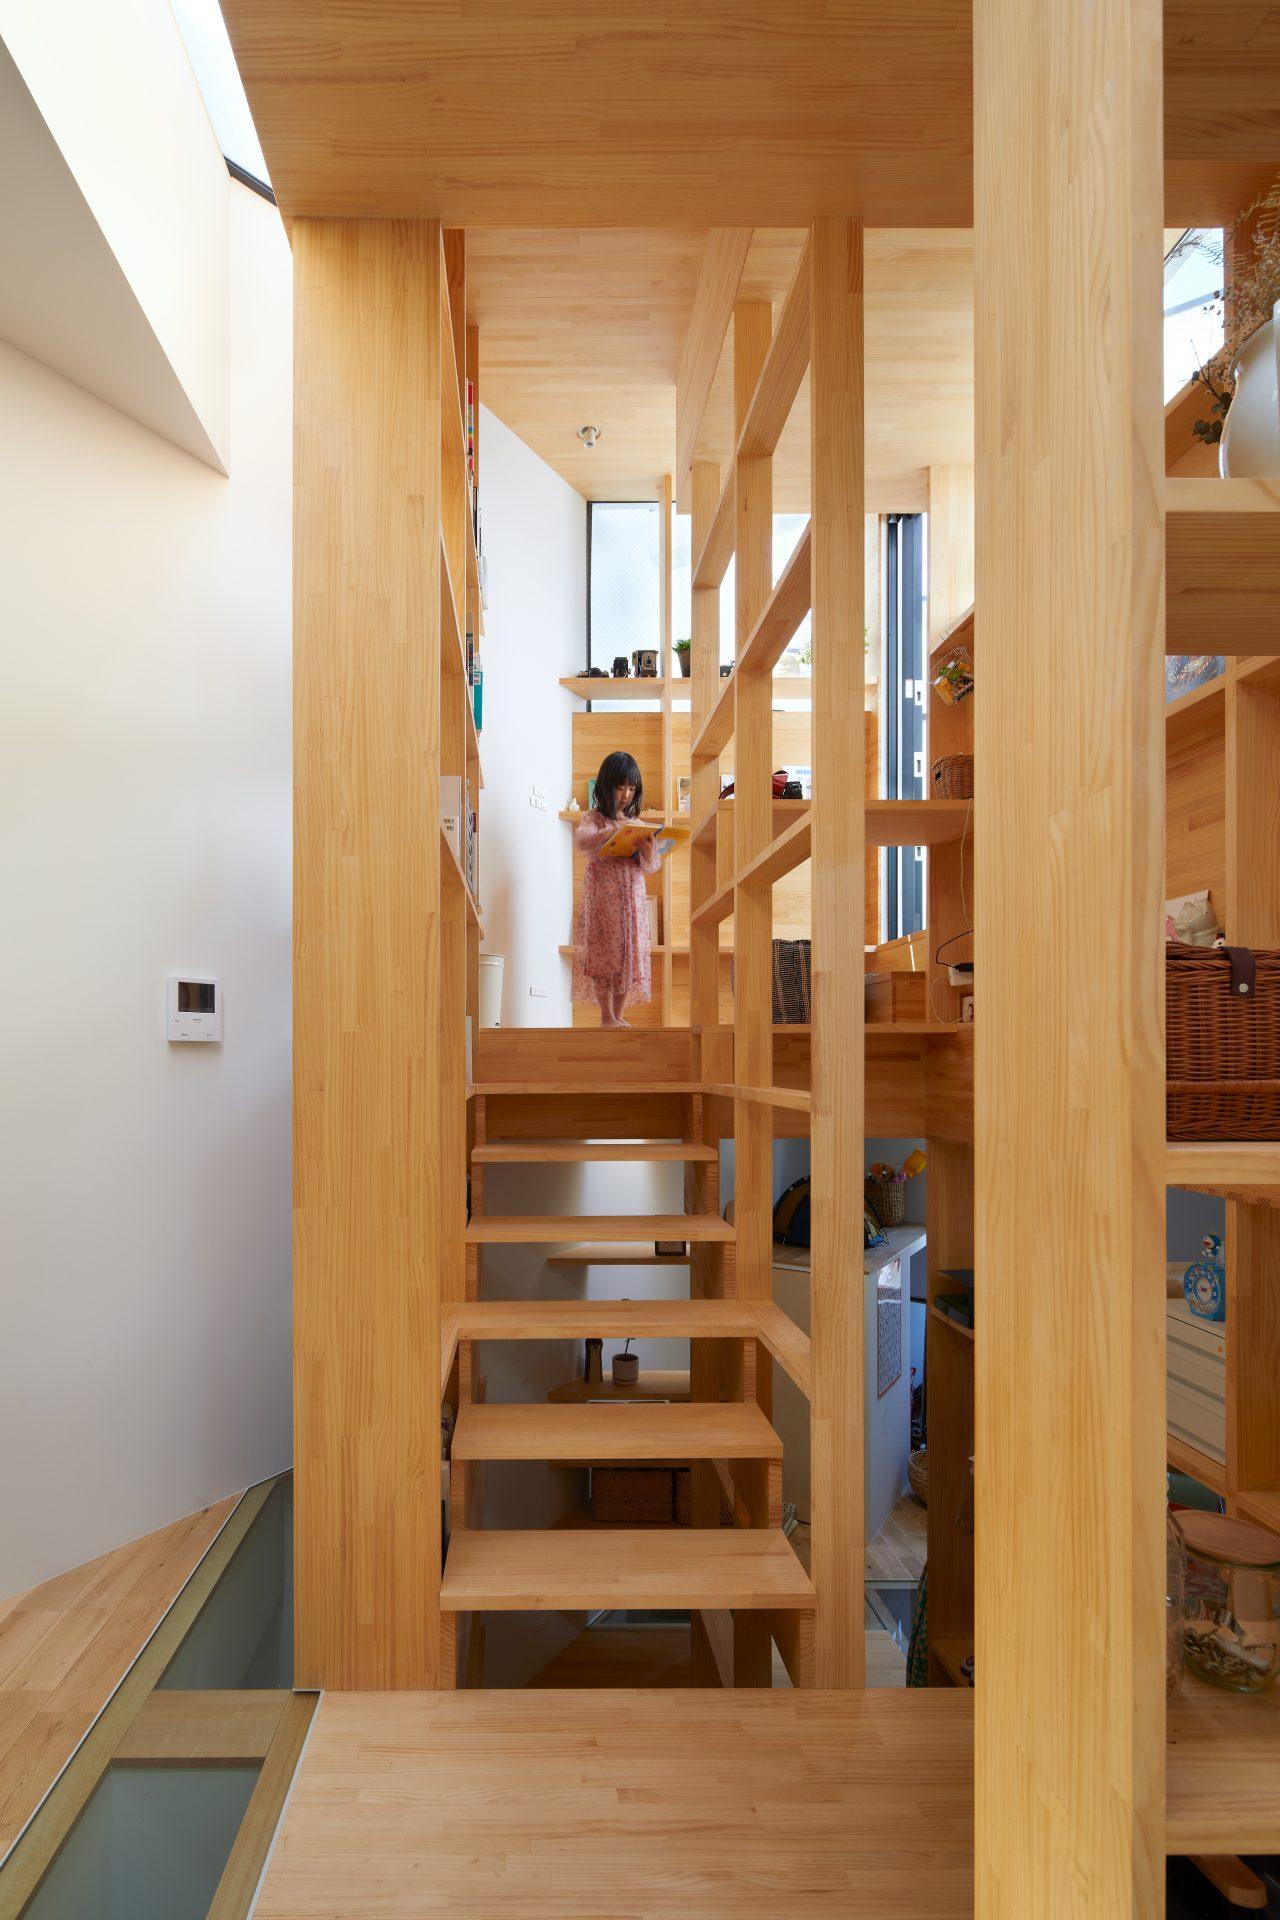 大阪帝塚山の家の階段04